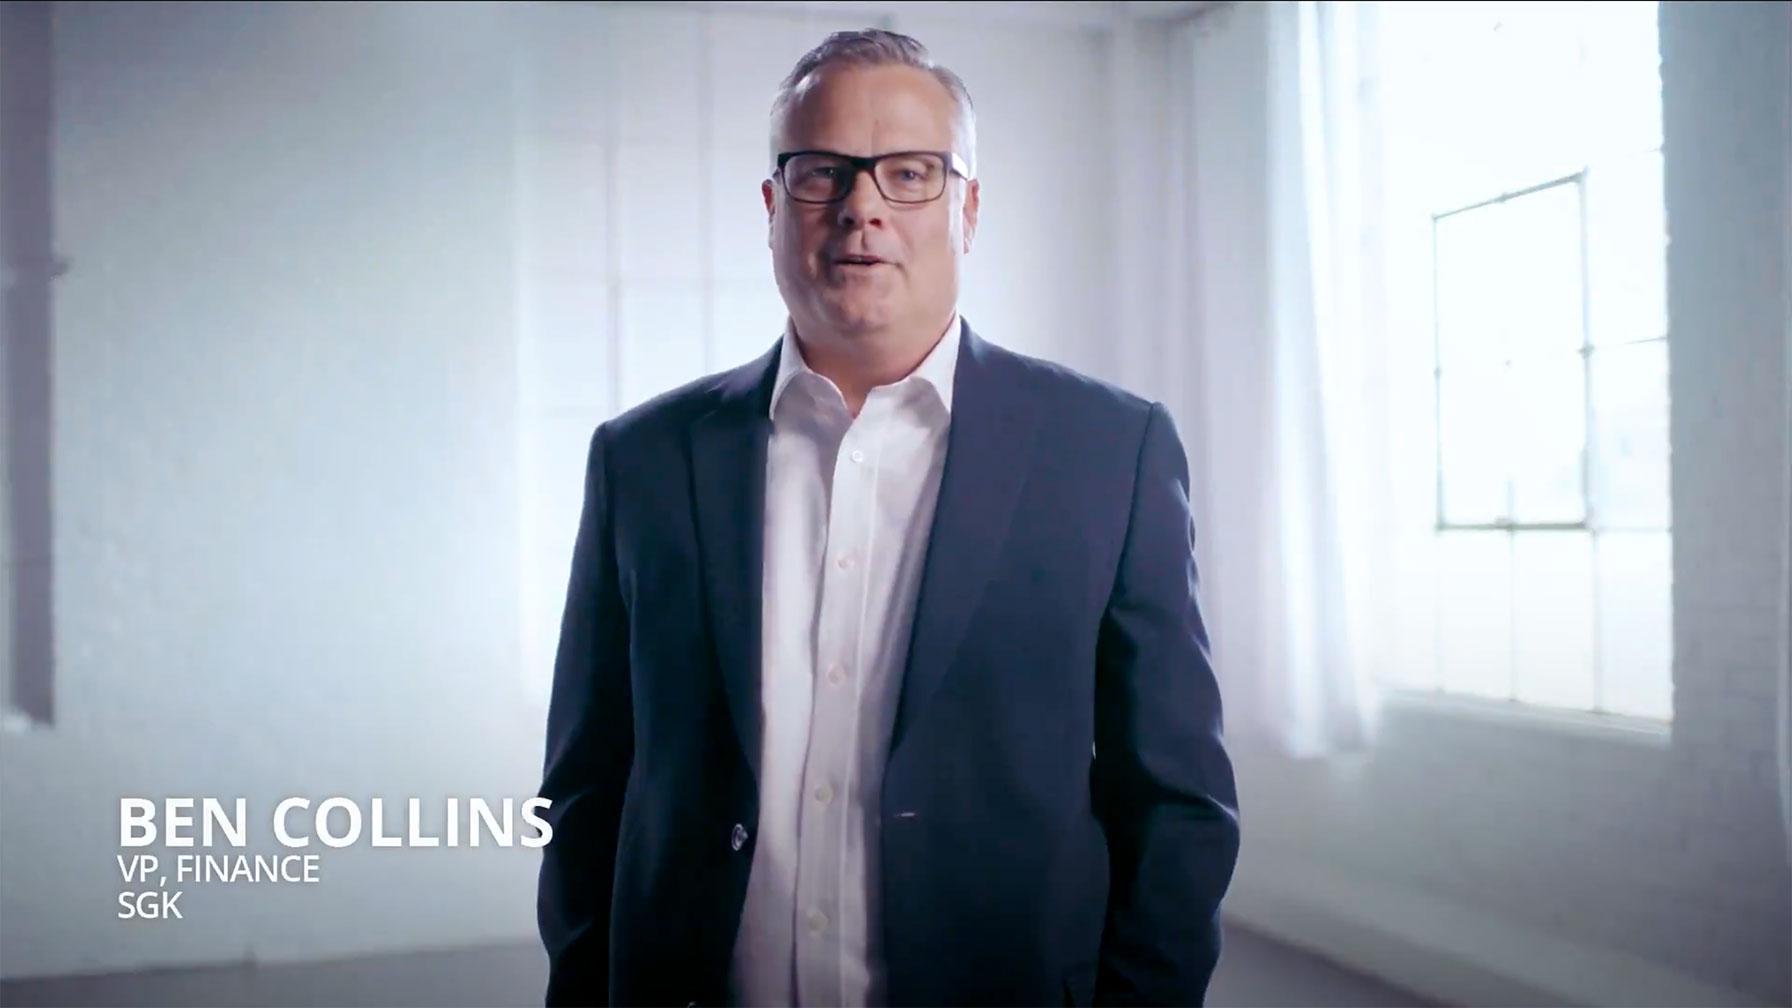 Ben Collins